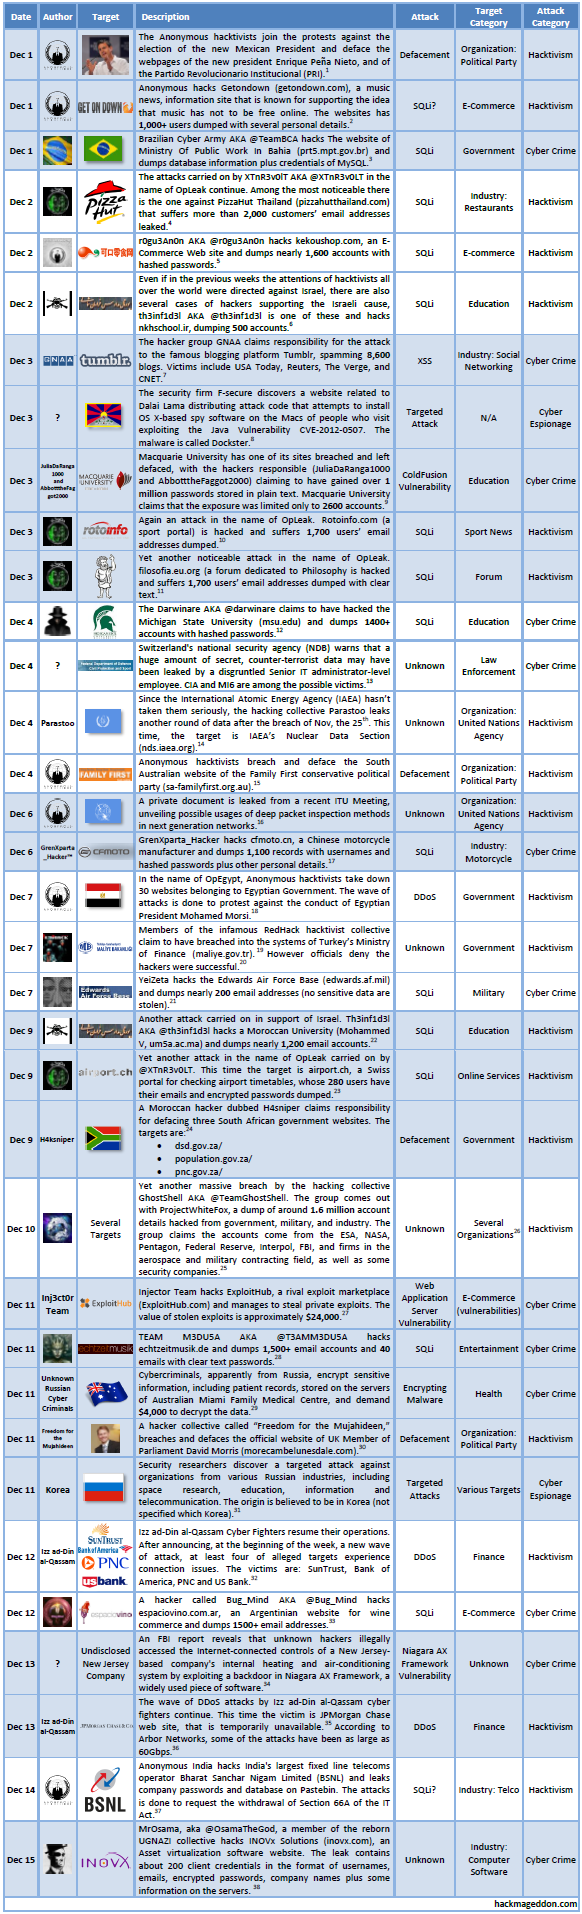 1-15 December 2012 Cyber Attack Timeline